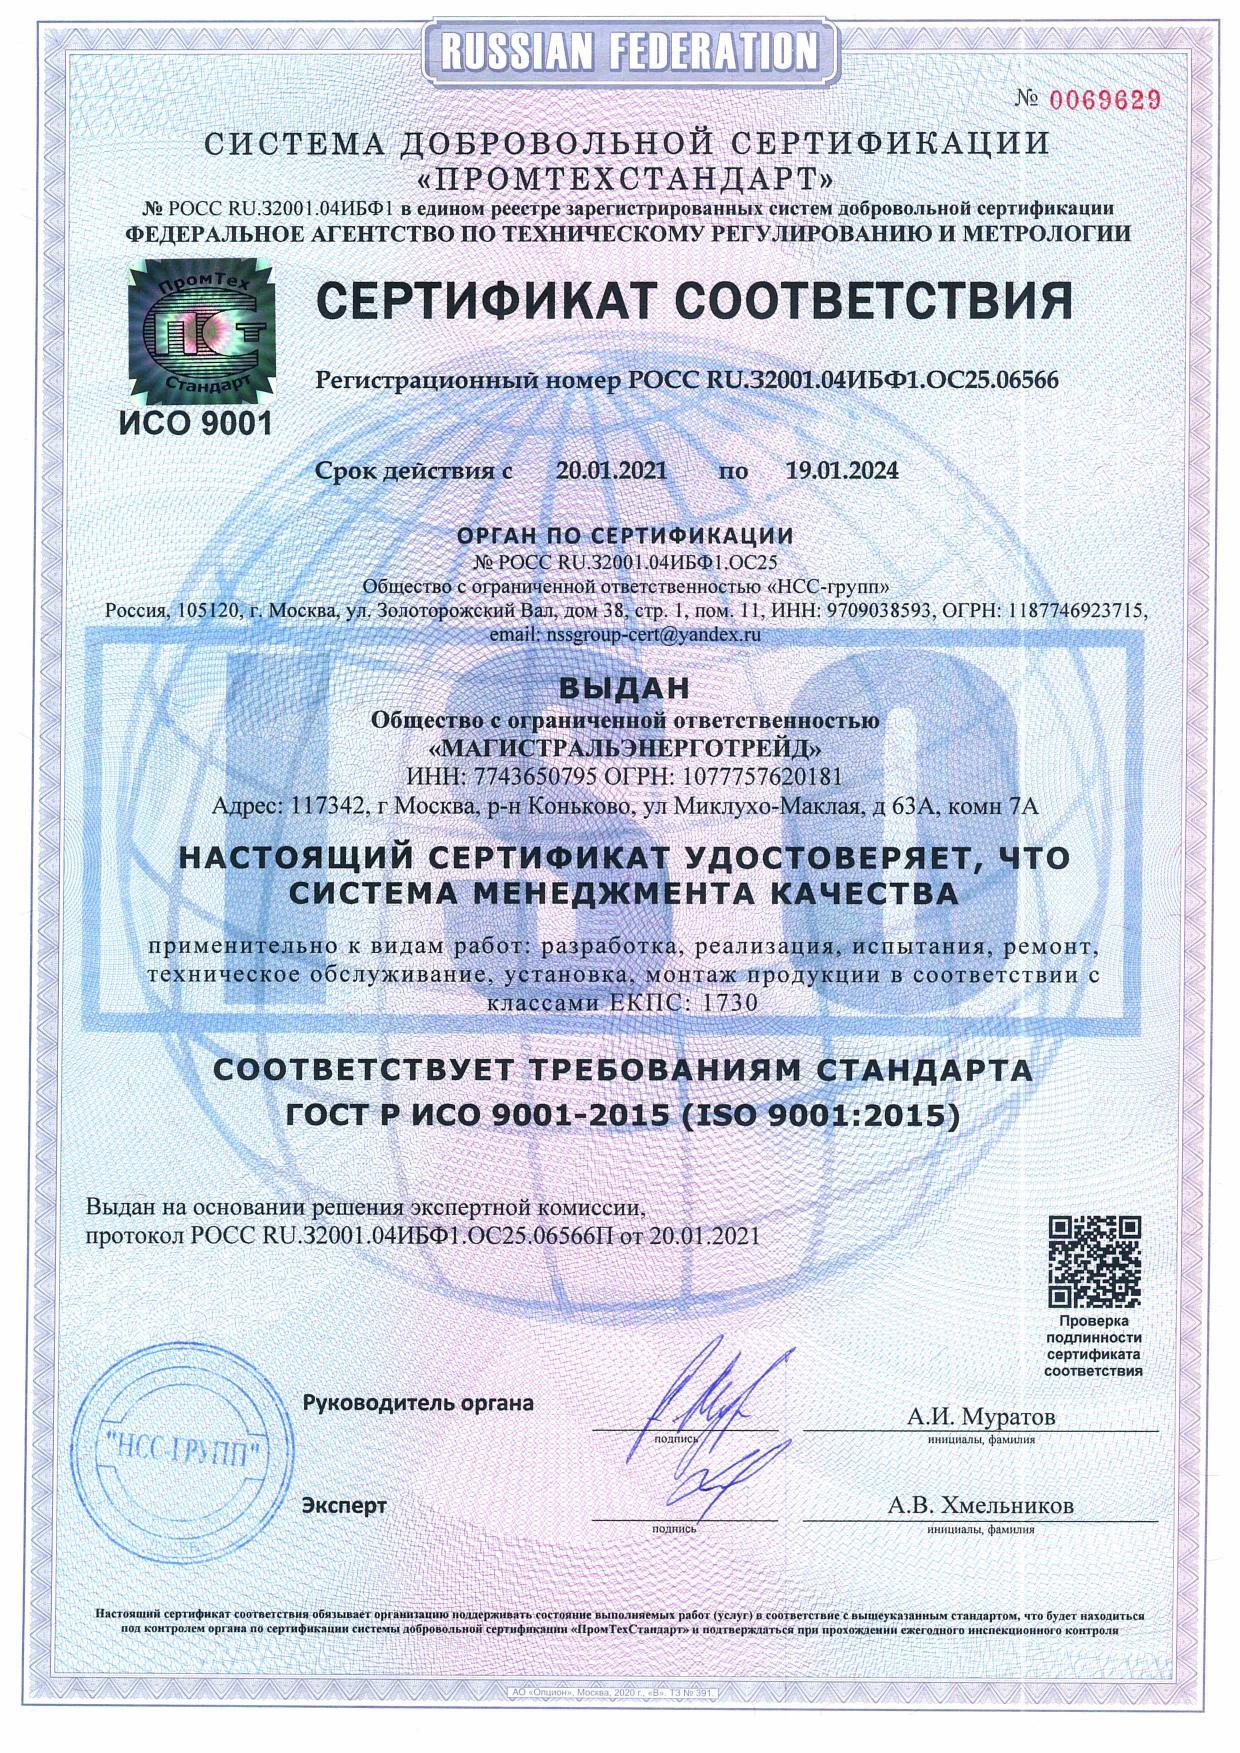 https://met-avia.ru/wp-content/uploads/2021/01/Sertifikat-sootvetstviya-menedzhmenta-kachestva_page-0001.jpg